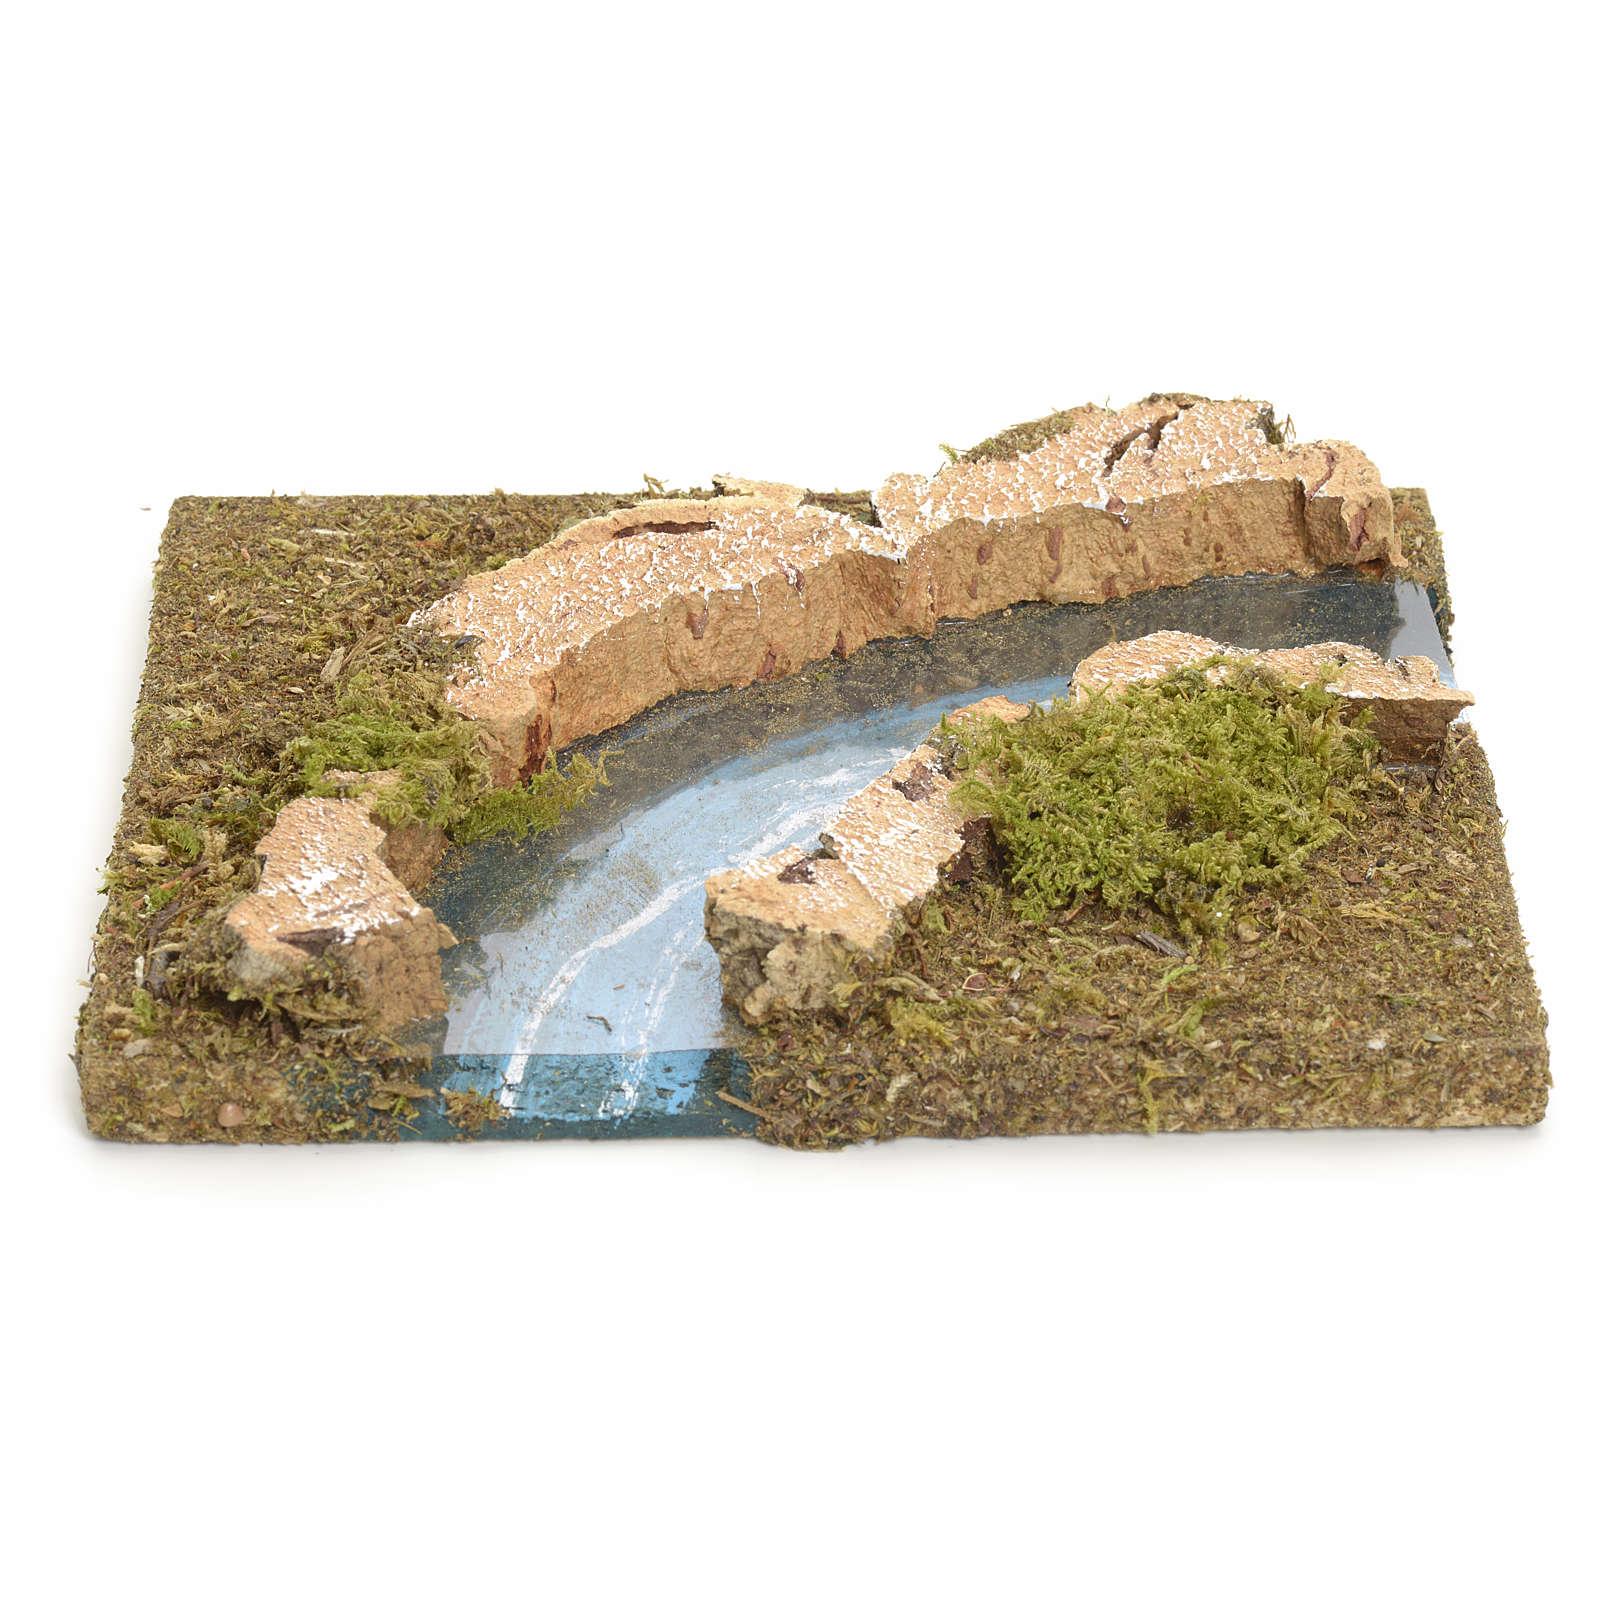 Bras de rivière courbe pour crèche 14x15 4